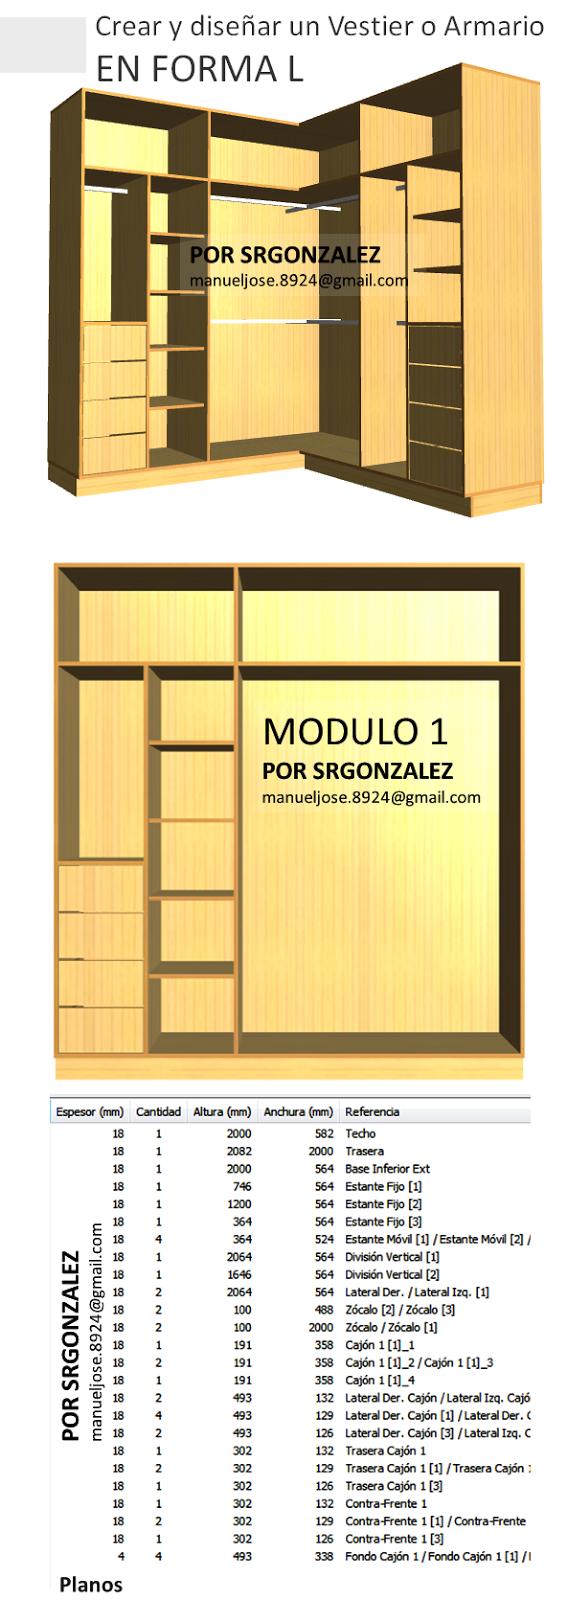 Dise o de muebles madera crear y dise ar un vestier o - Diseno de armarios gratis ...